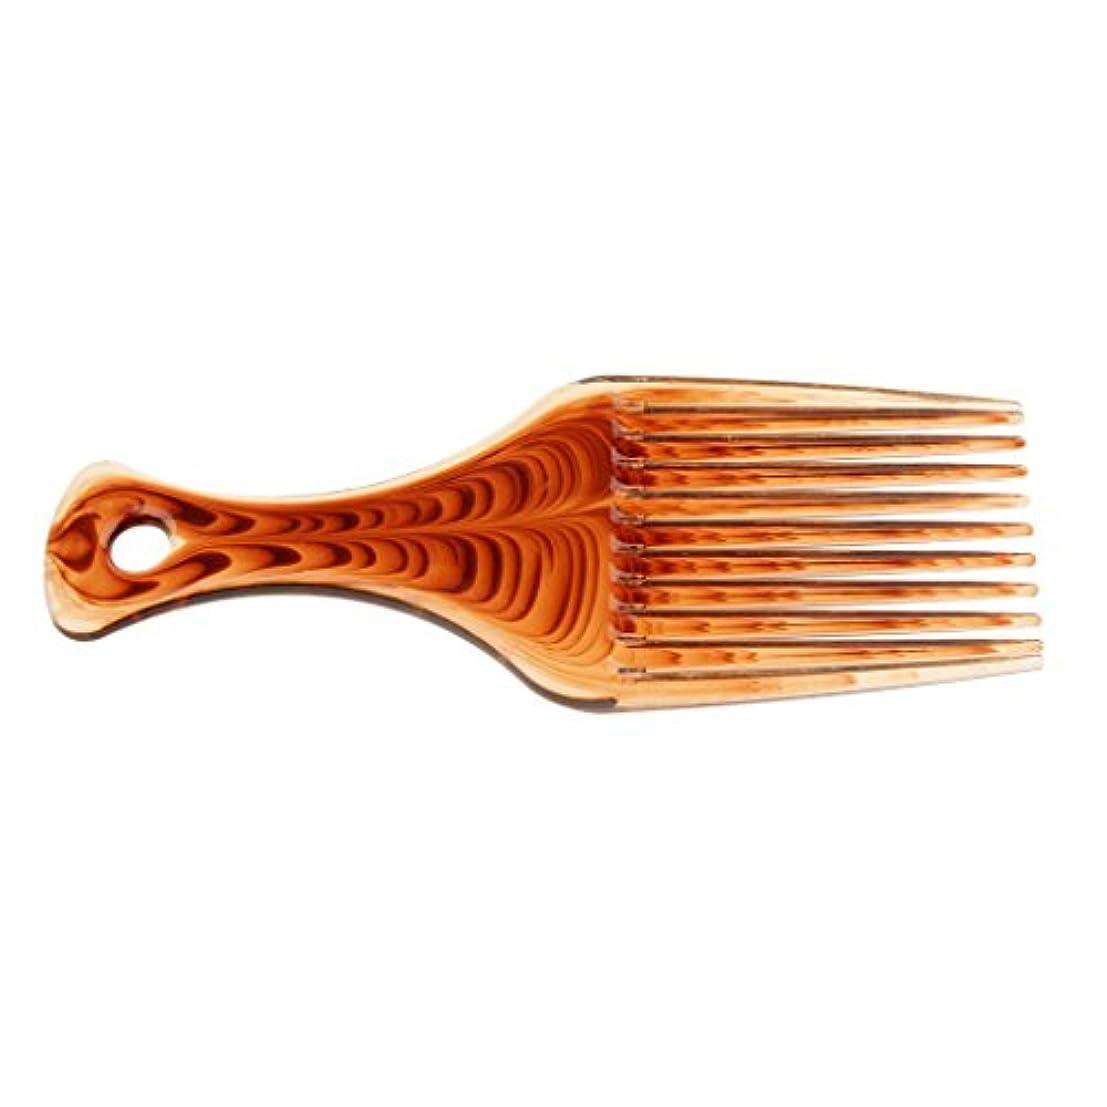 やろう追い付く楽なヘアブラシ 髪の櫛 プラスチック製 サロン バリバー アフロ ヘアピック ブラシ 櫛